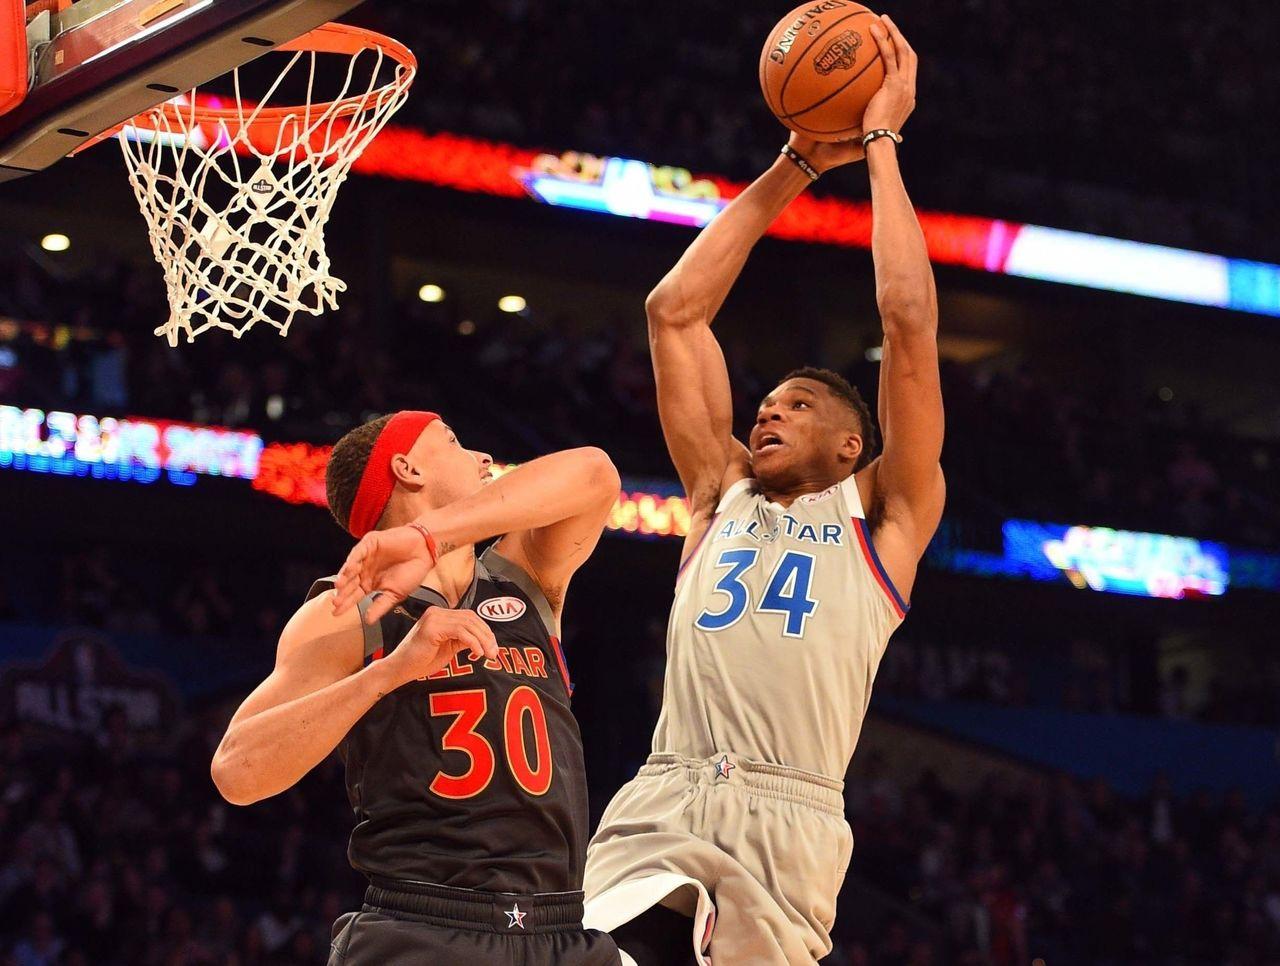 Historia del All Star Game de la NBA.